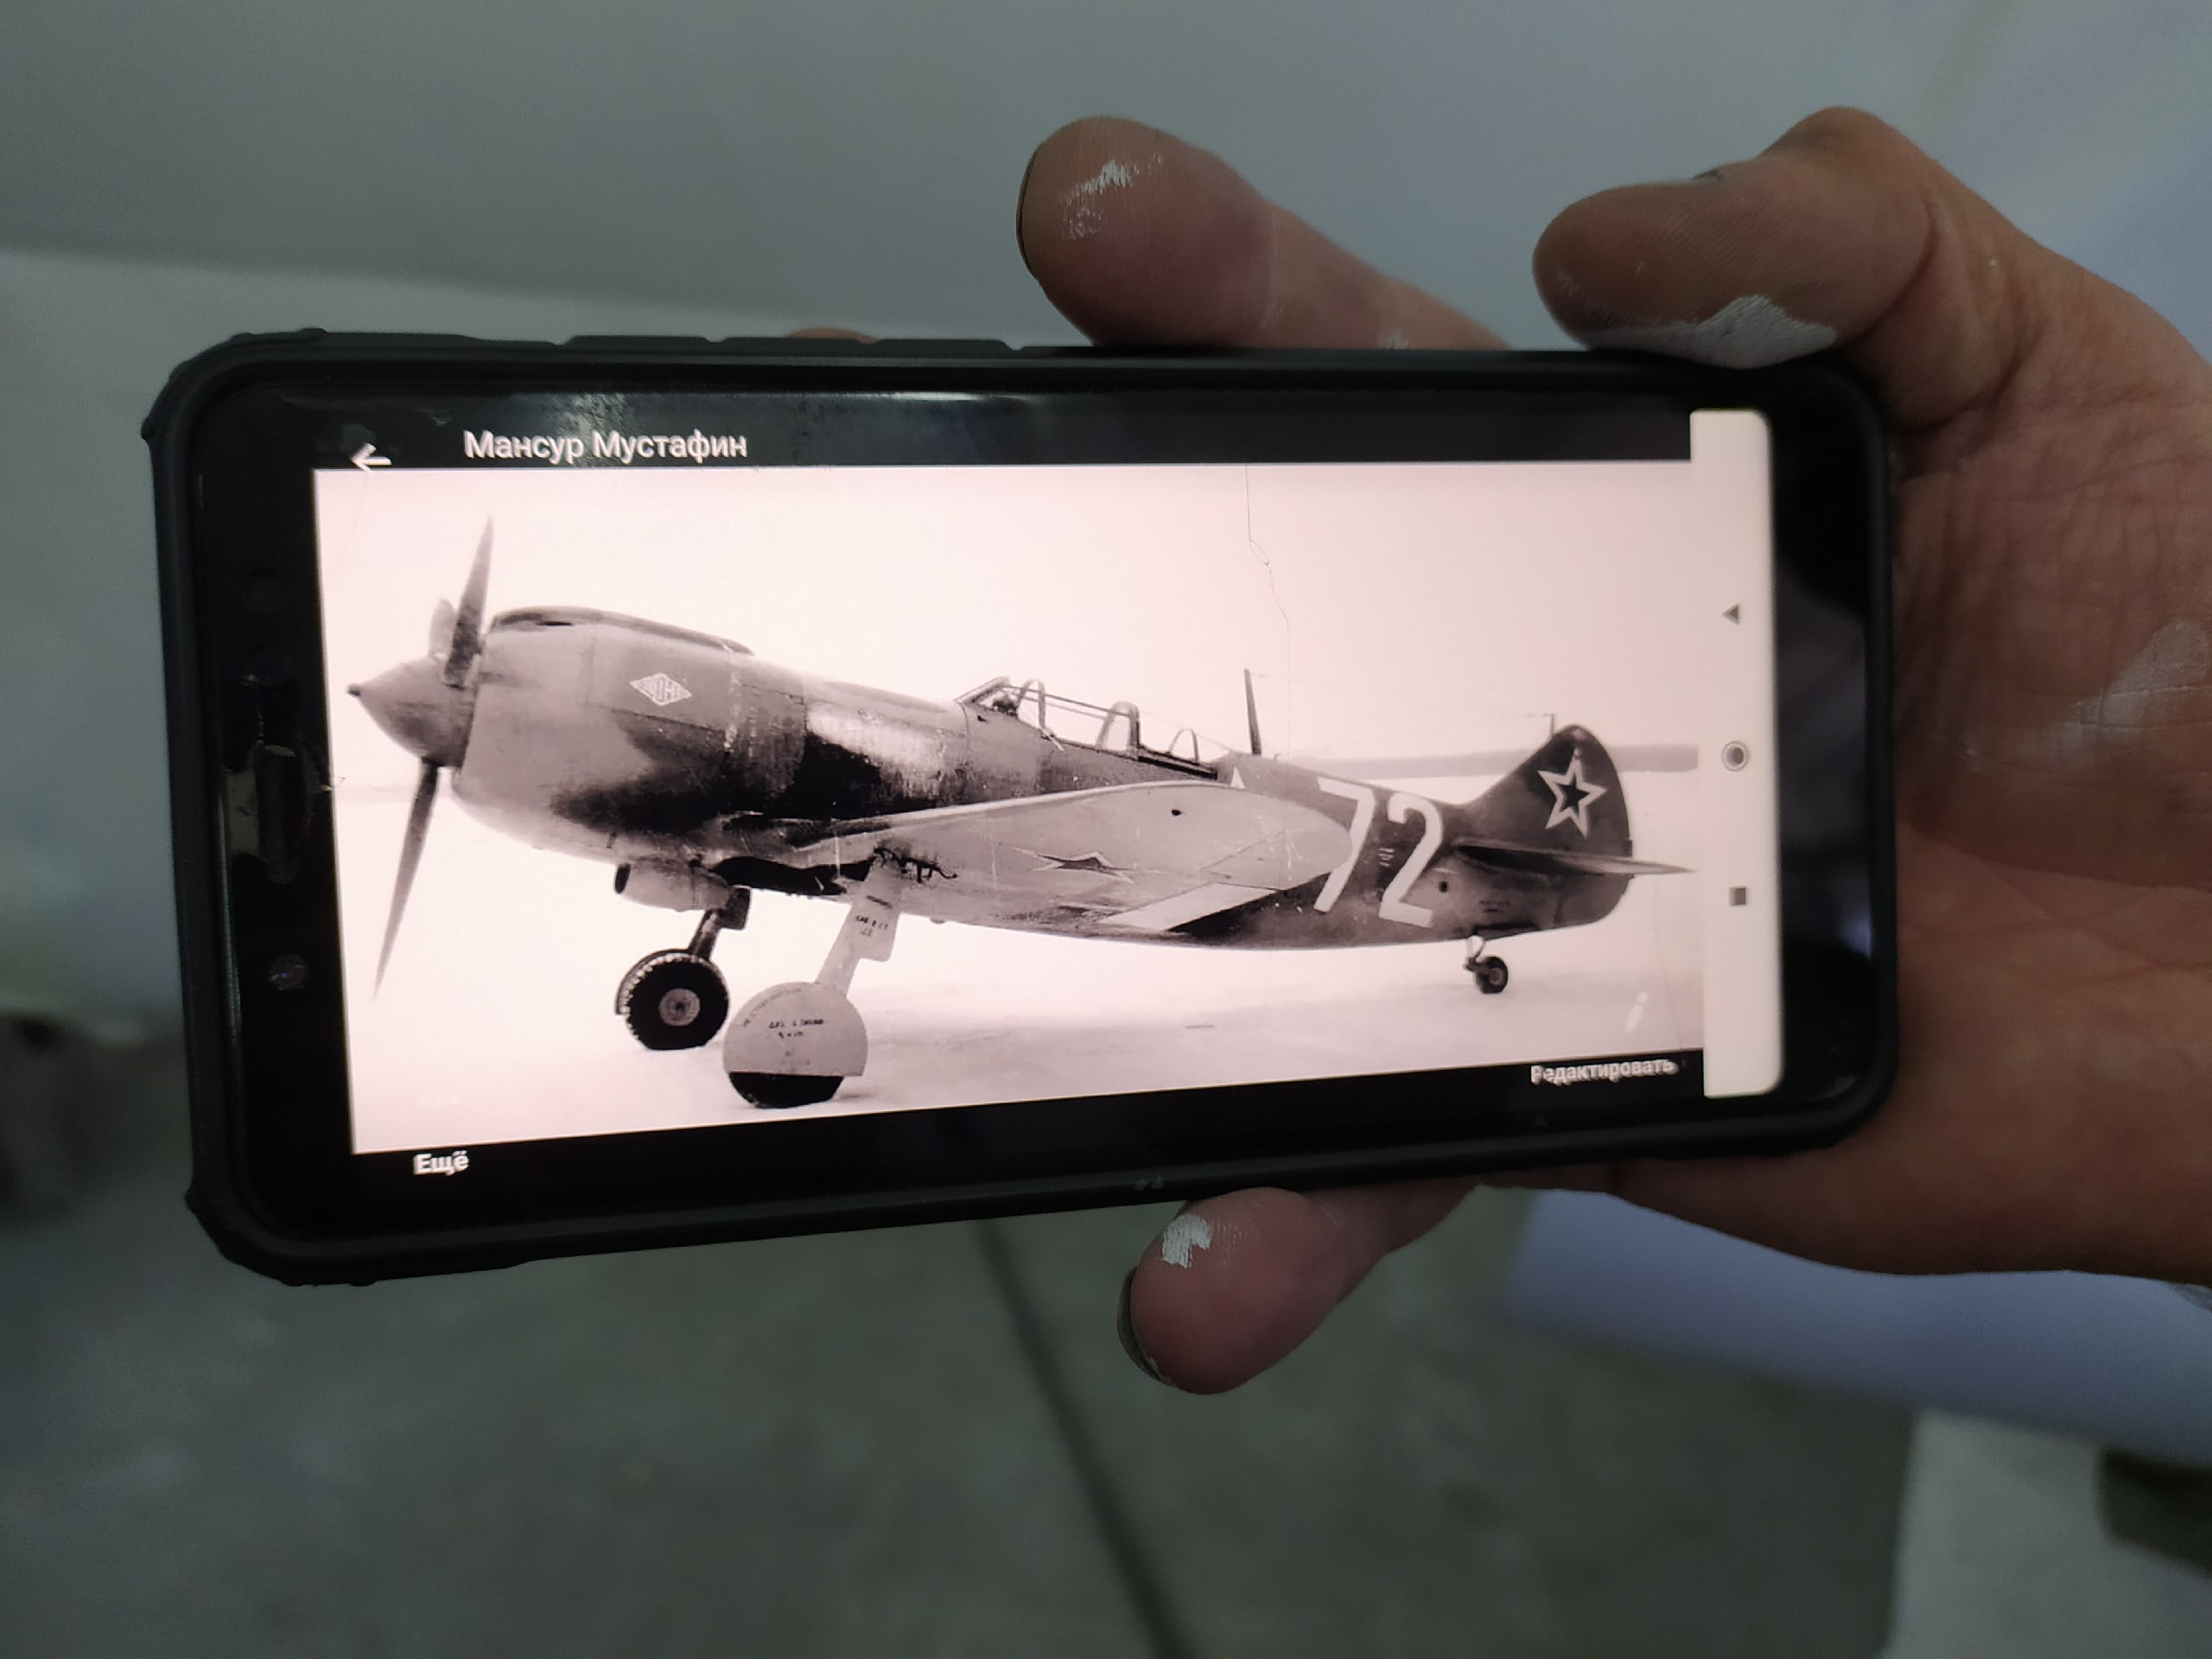 фото В Новосибирске восстанавливают уникальный истребитель времён Второй мировой: на корпусе Ла-5 снова засияют красные звёзды 9